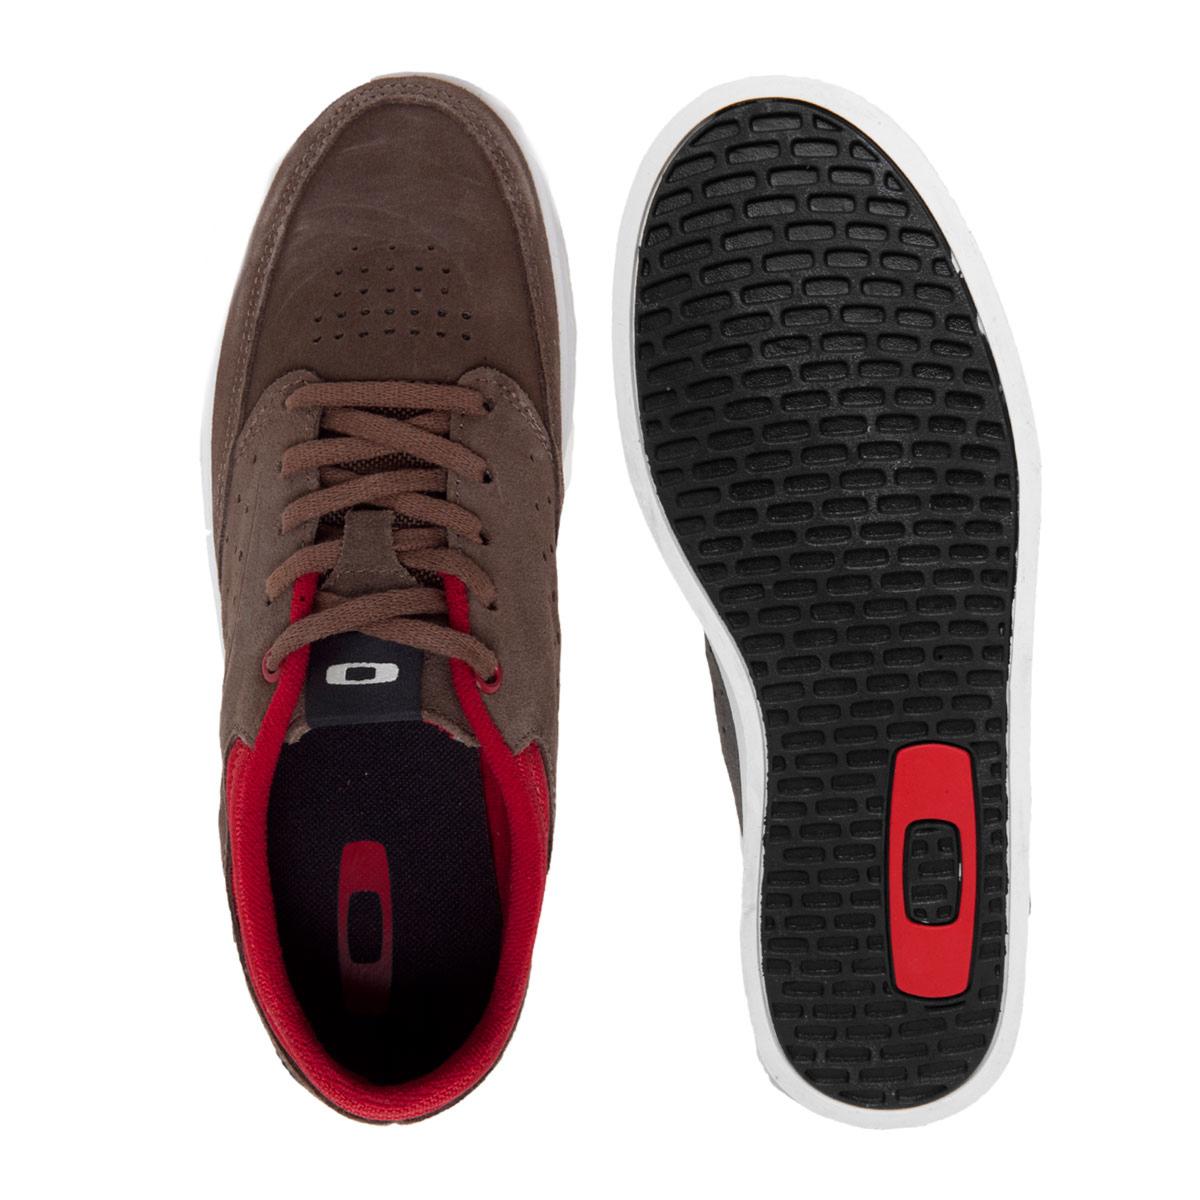 Tênis Oakley Bigspin Marrom com Vermelho BLACK FRIDAY passe o mouse para ver  em zoom 20823900c473e